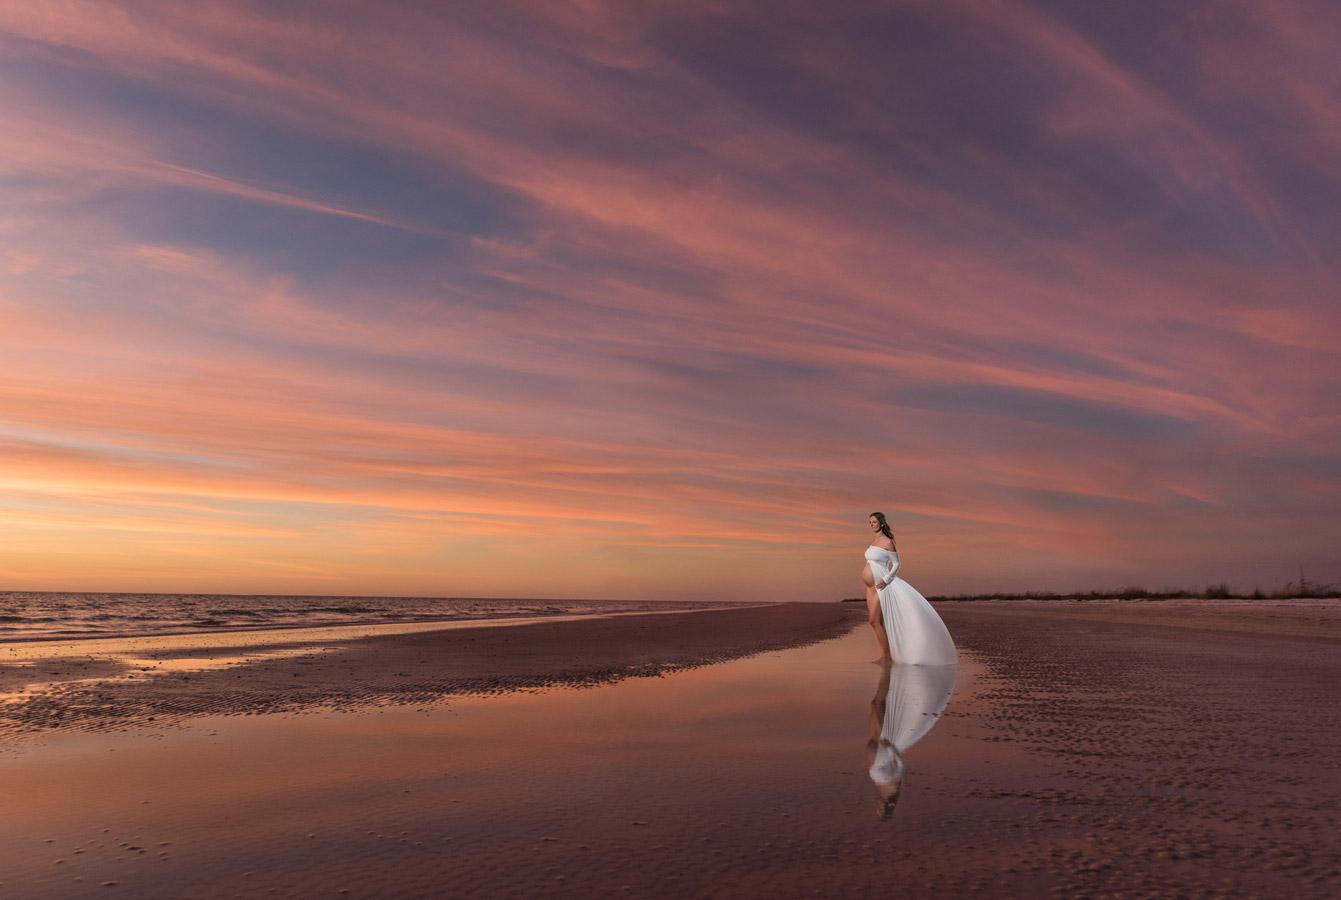 Ками Грудзинский, США / Cami Grudzinski, US, 3-место в категории «Материнство», Фотоконкурс Rangefinder «Портрет» (Rangefinder the Portrait)